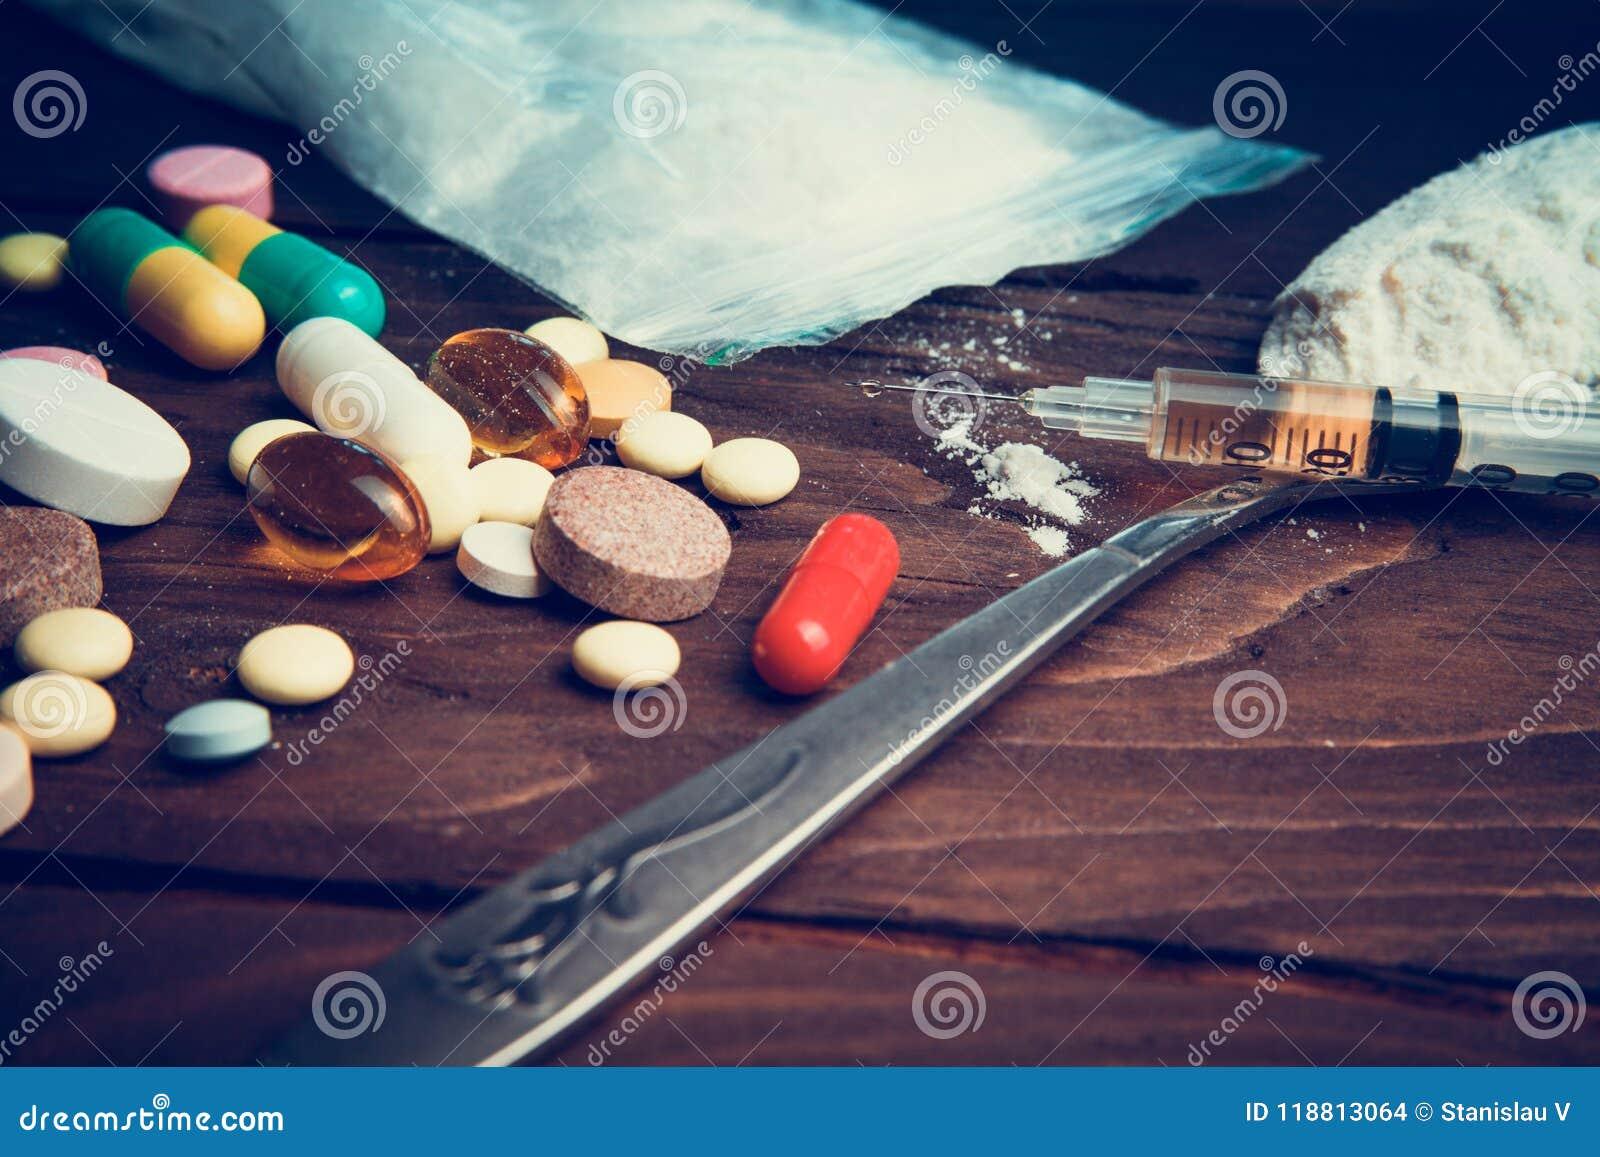 Leka pojęcie Używa nielegalnego nadużywanie narkotyków Nałóg heroina zastrzyk